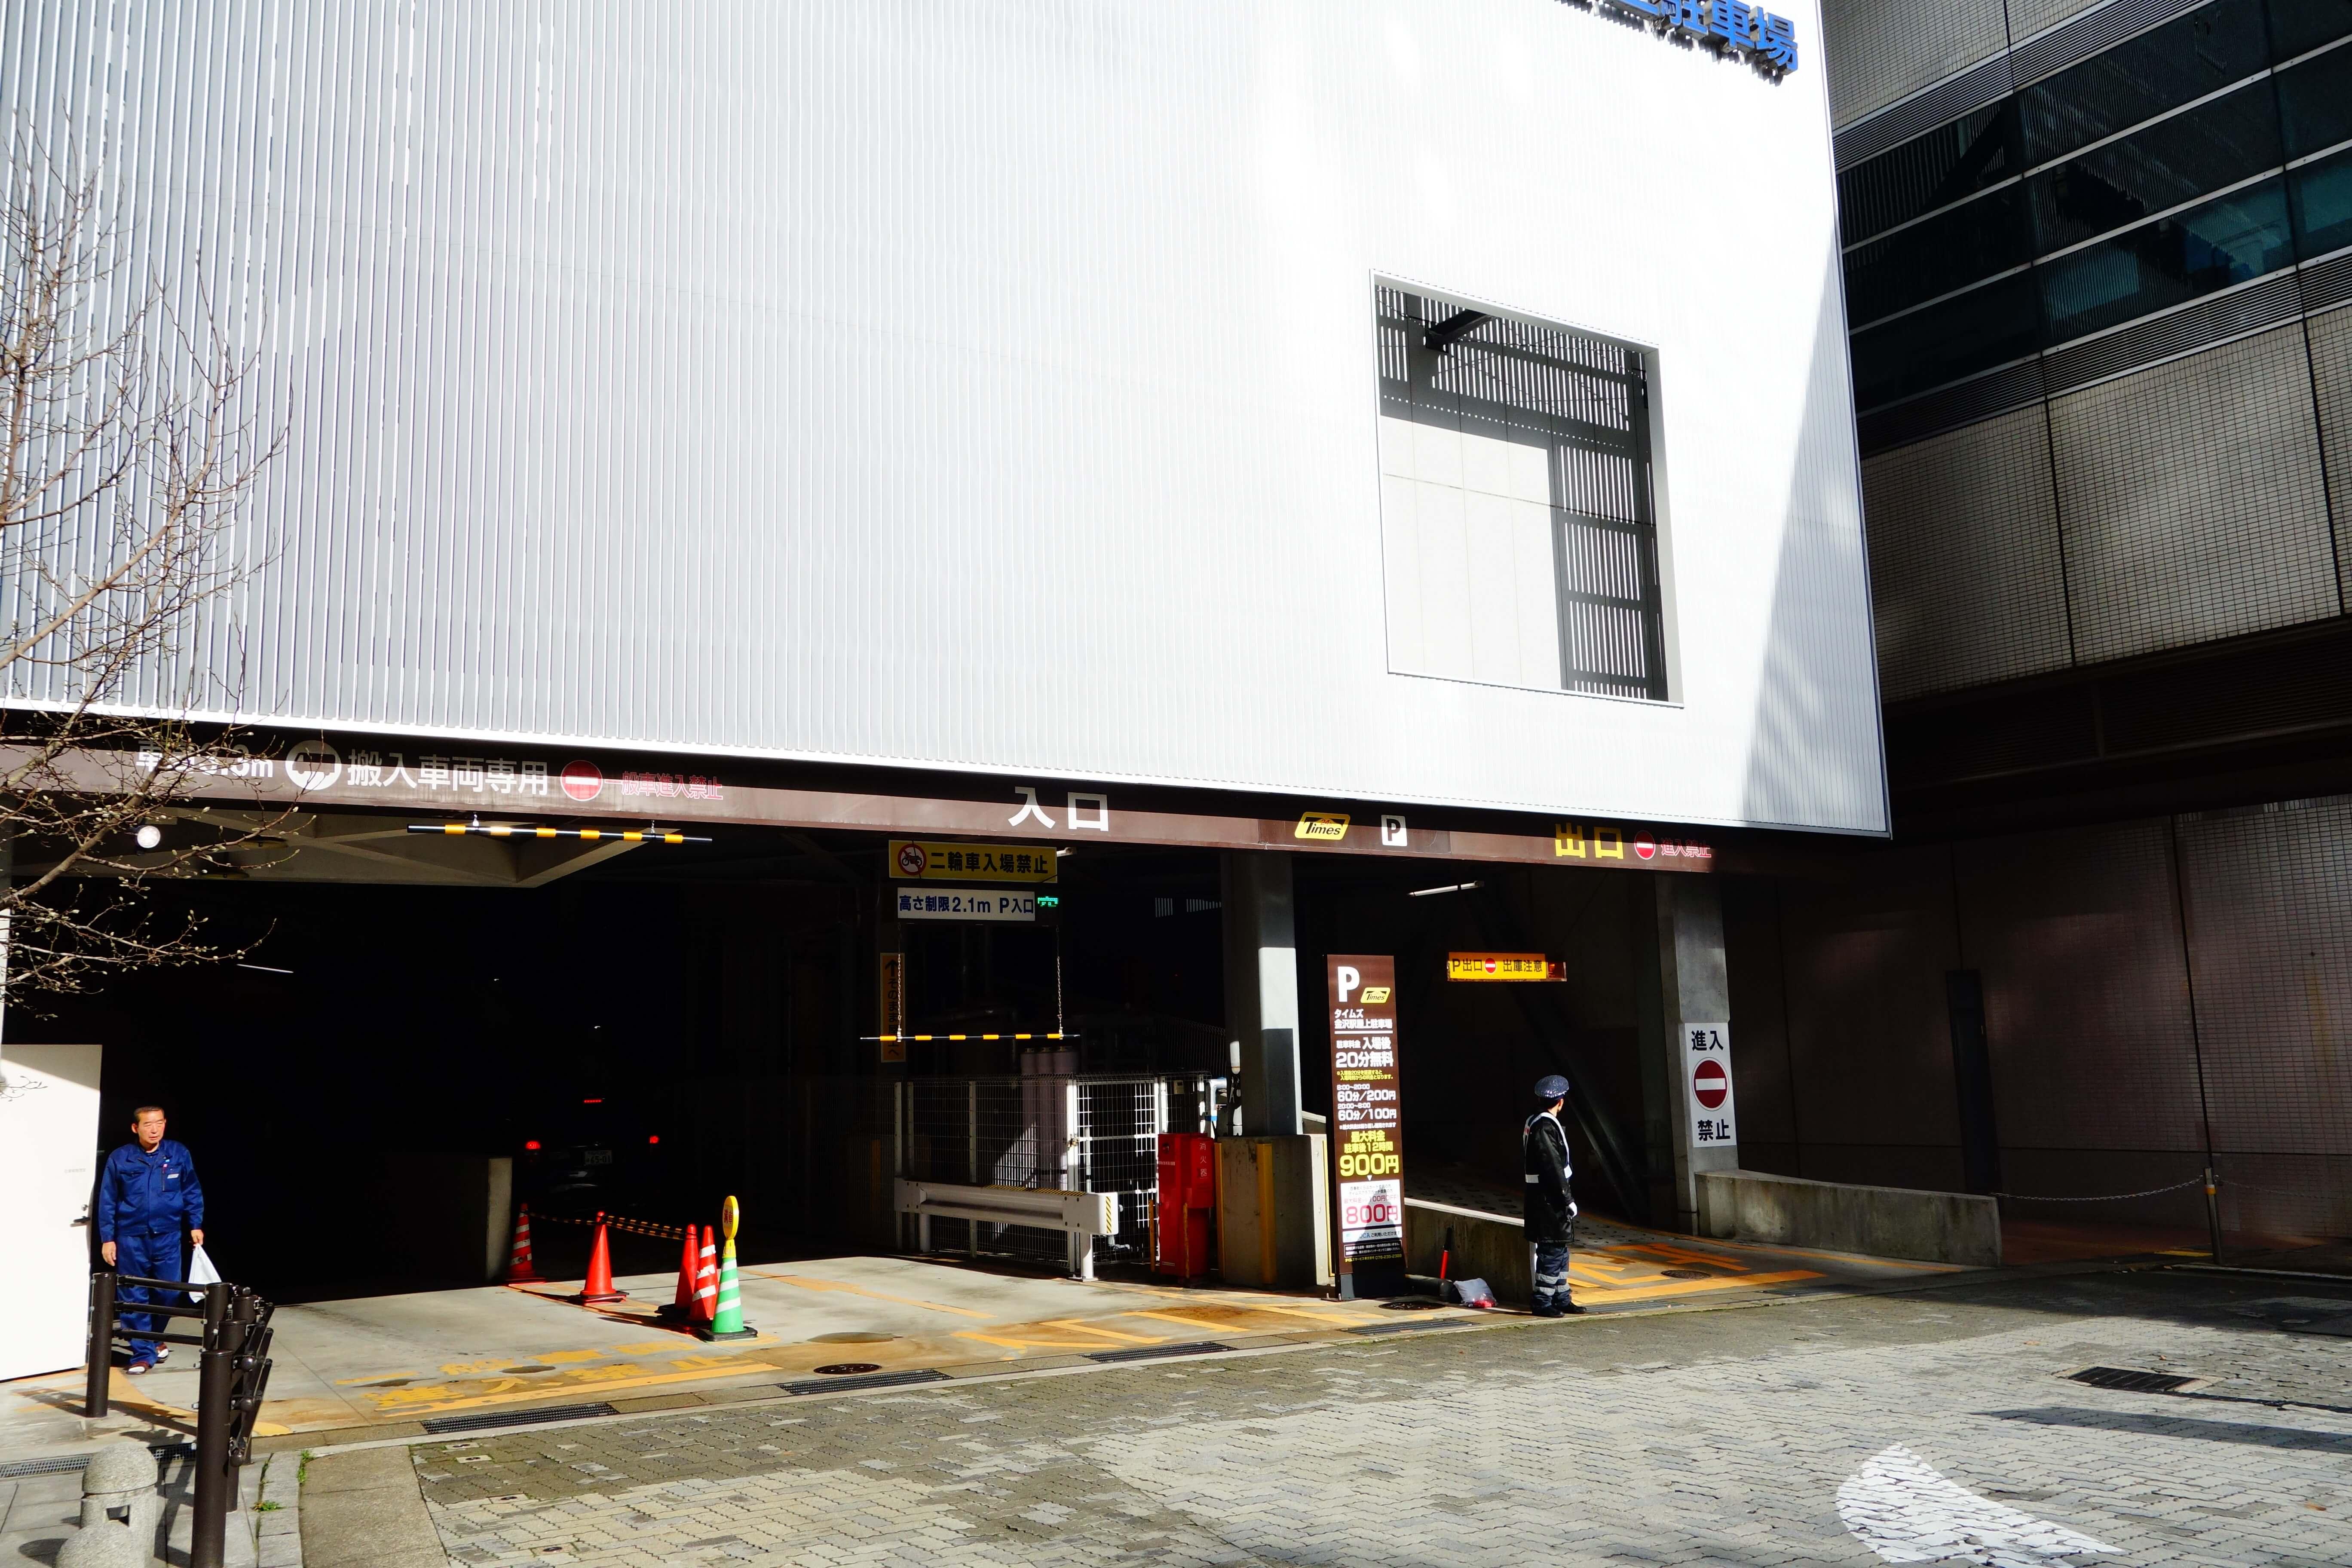 タイムズ金沢駅屋上|金沢市で駐車場料金をお得にする役立つ情報まとめ